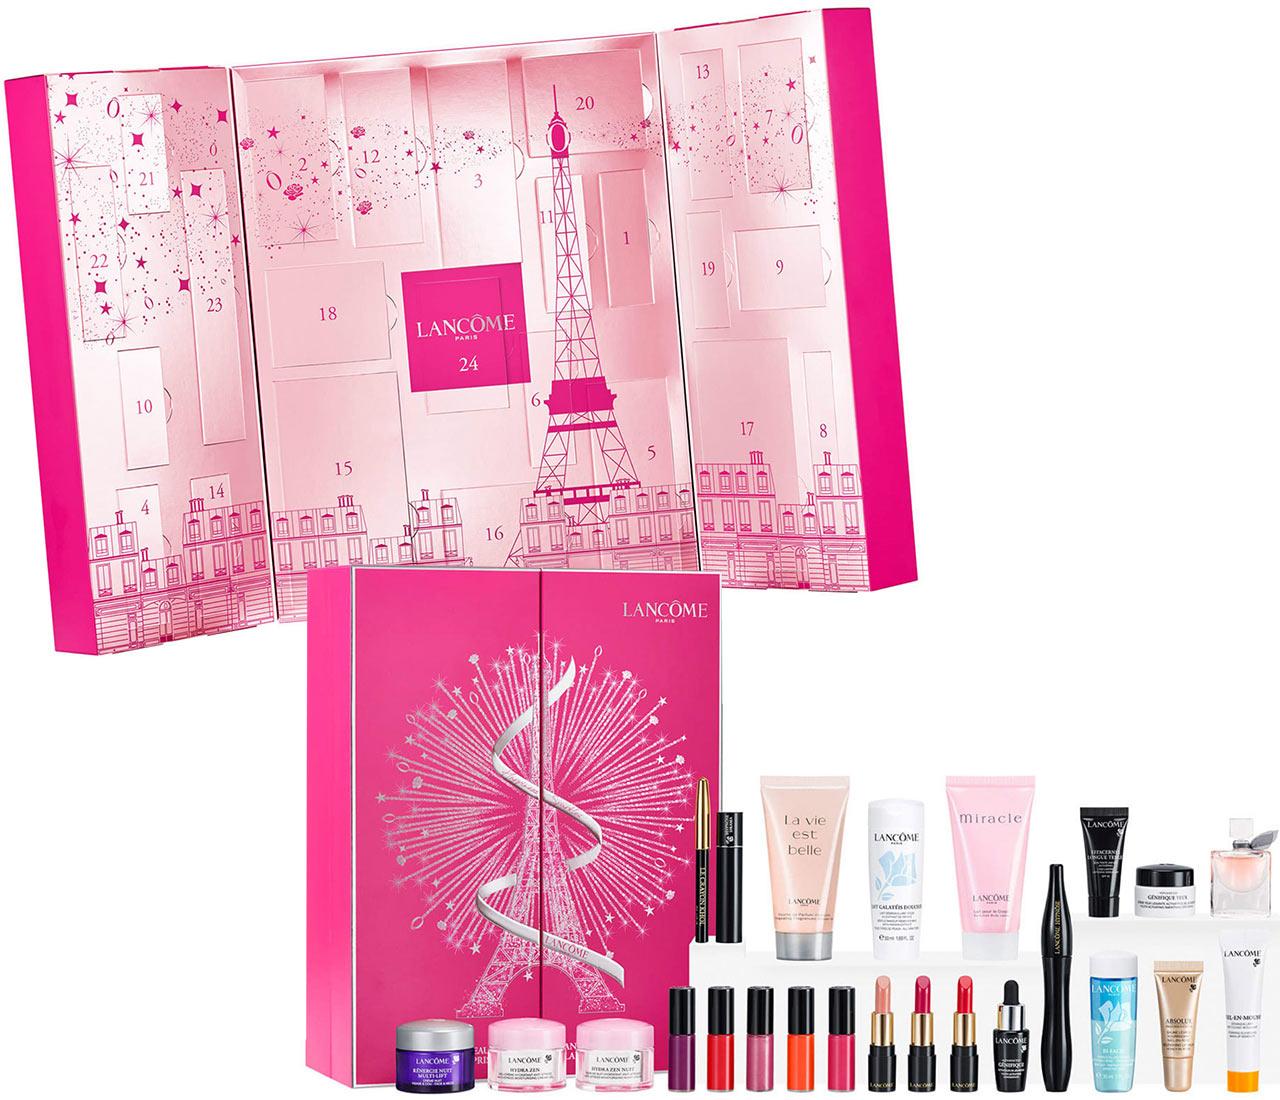 Calendrier de l'avent Lancôme 2018 : un calendrier de l'avent beauté pour adultes rempli de petits cadeaux pour femme